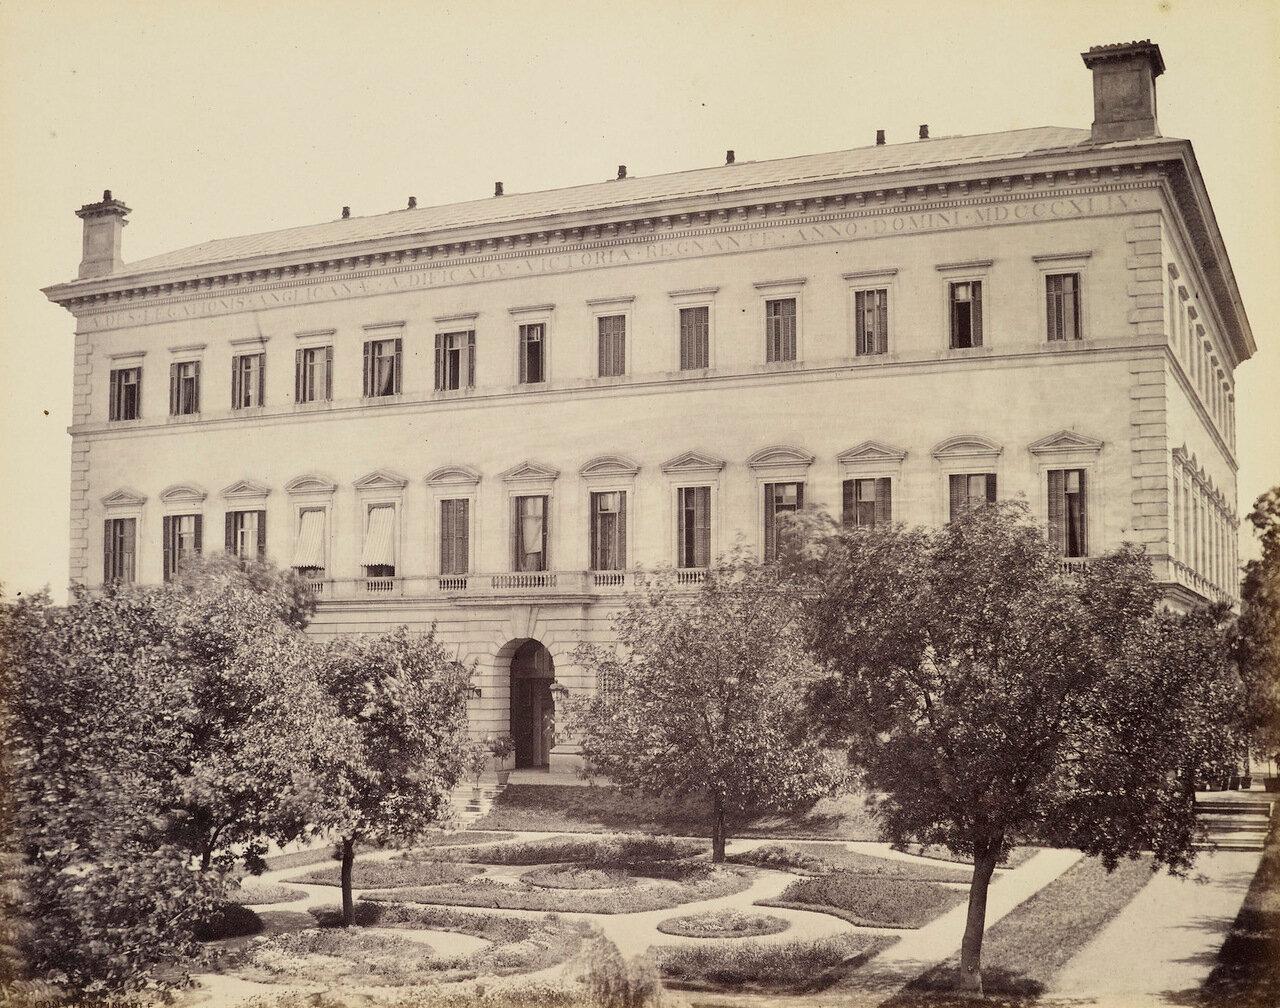 20 мая 1862. Посольство Великобритании, Константинополь